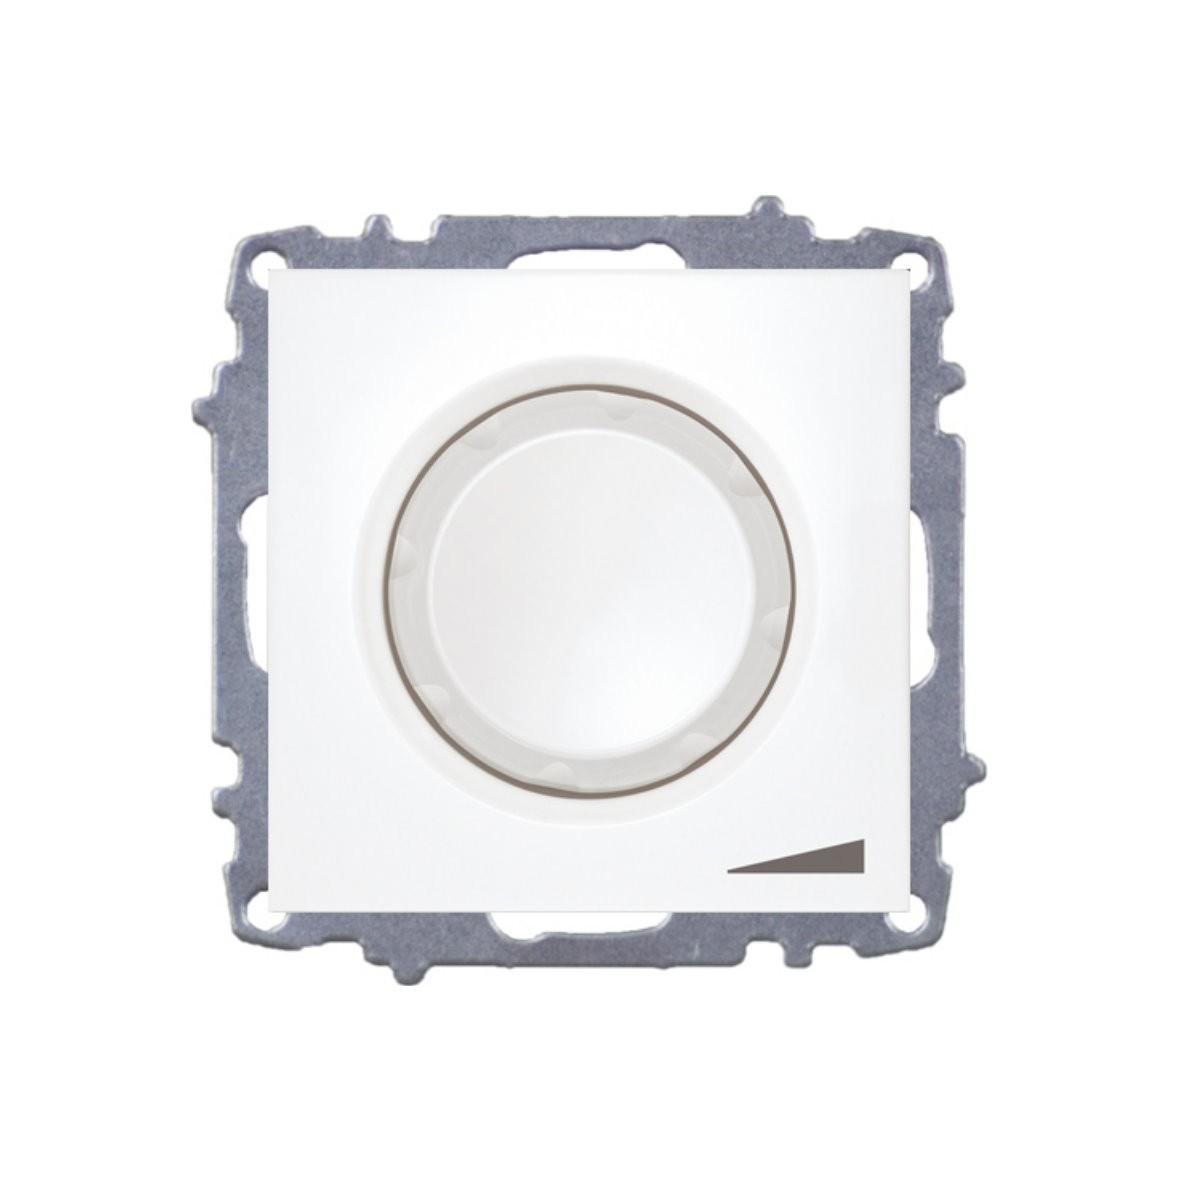 Изображение ZENA модуль вишня Выключатель реостат 800W с подсветкой